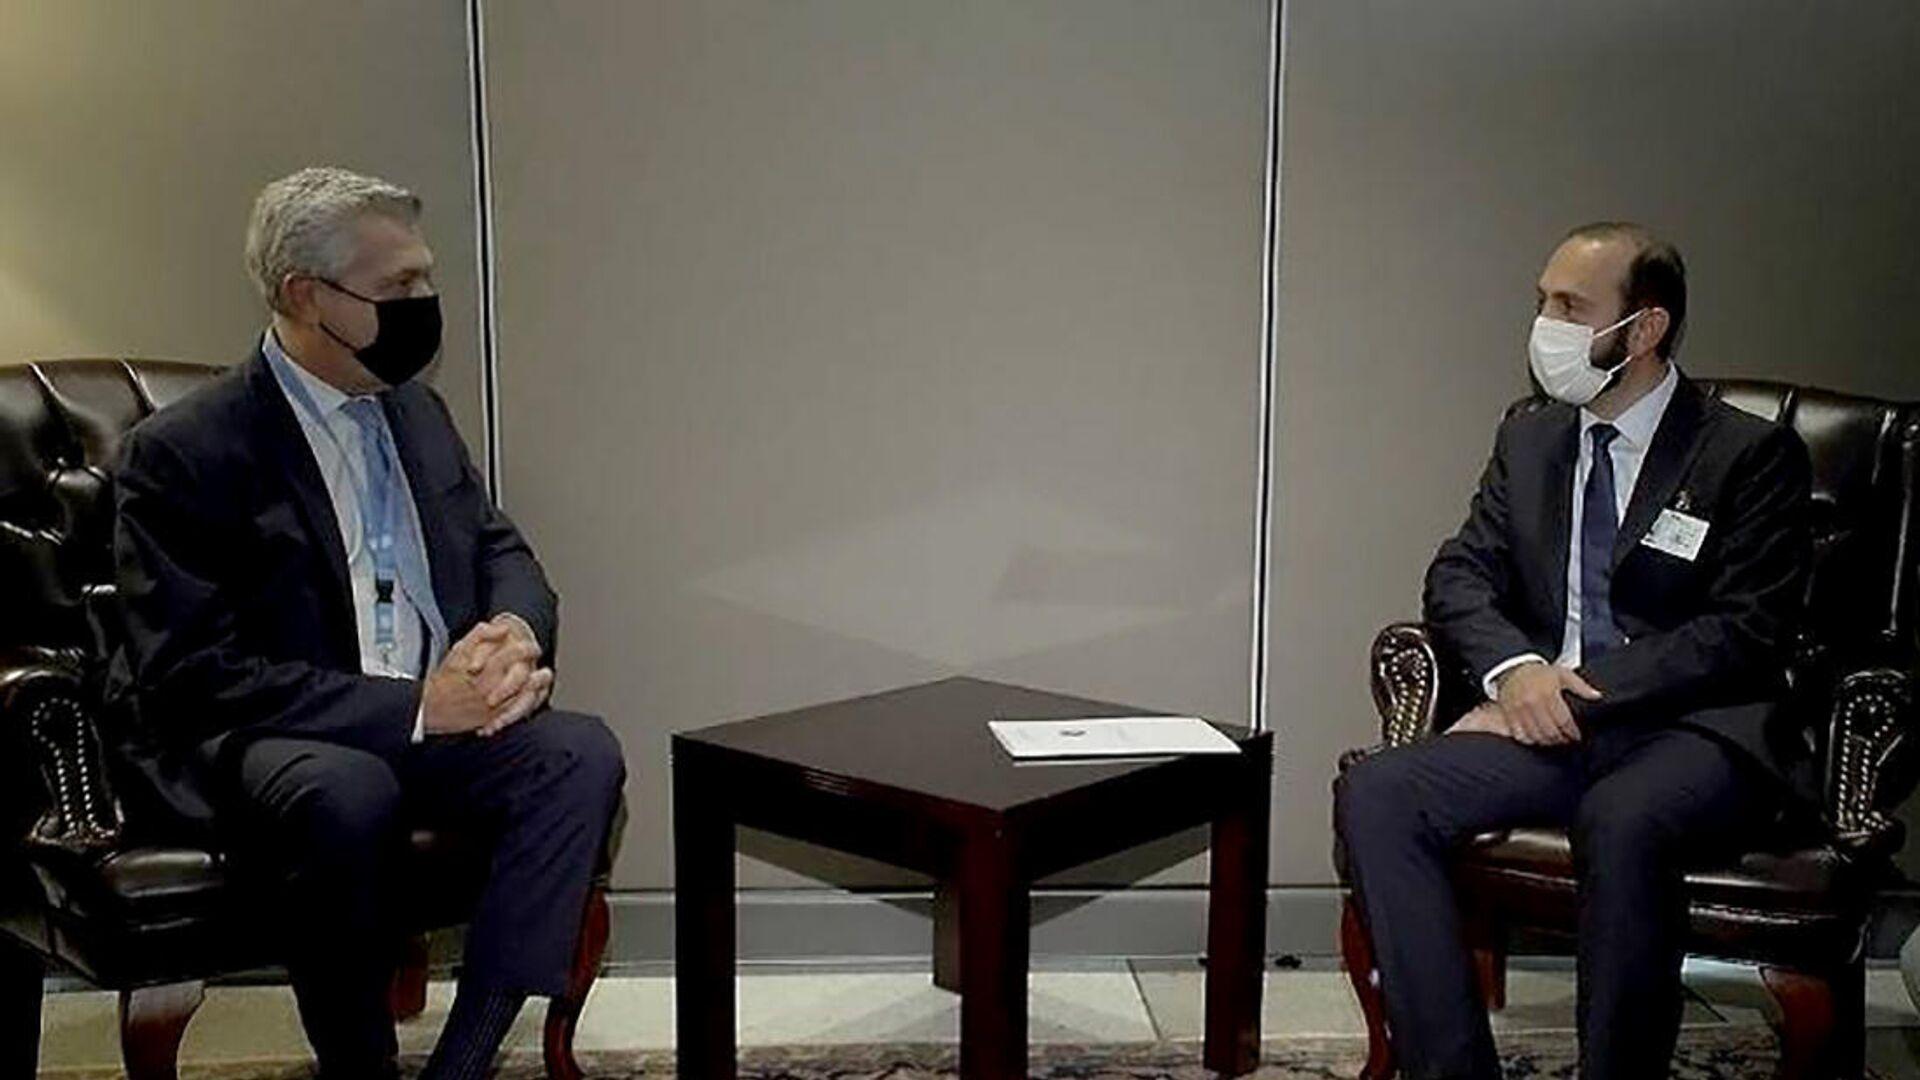 Արարատ Միրզոյանի և ՄԱԿ Փախստականների հարցերով գերագույն հանձնակատար Ֆիլիպո Գրանդիի հանդիպումը - Sputnik Արմենիա, 1920, 24.09.2021